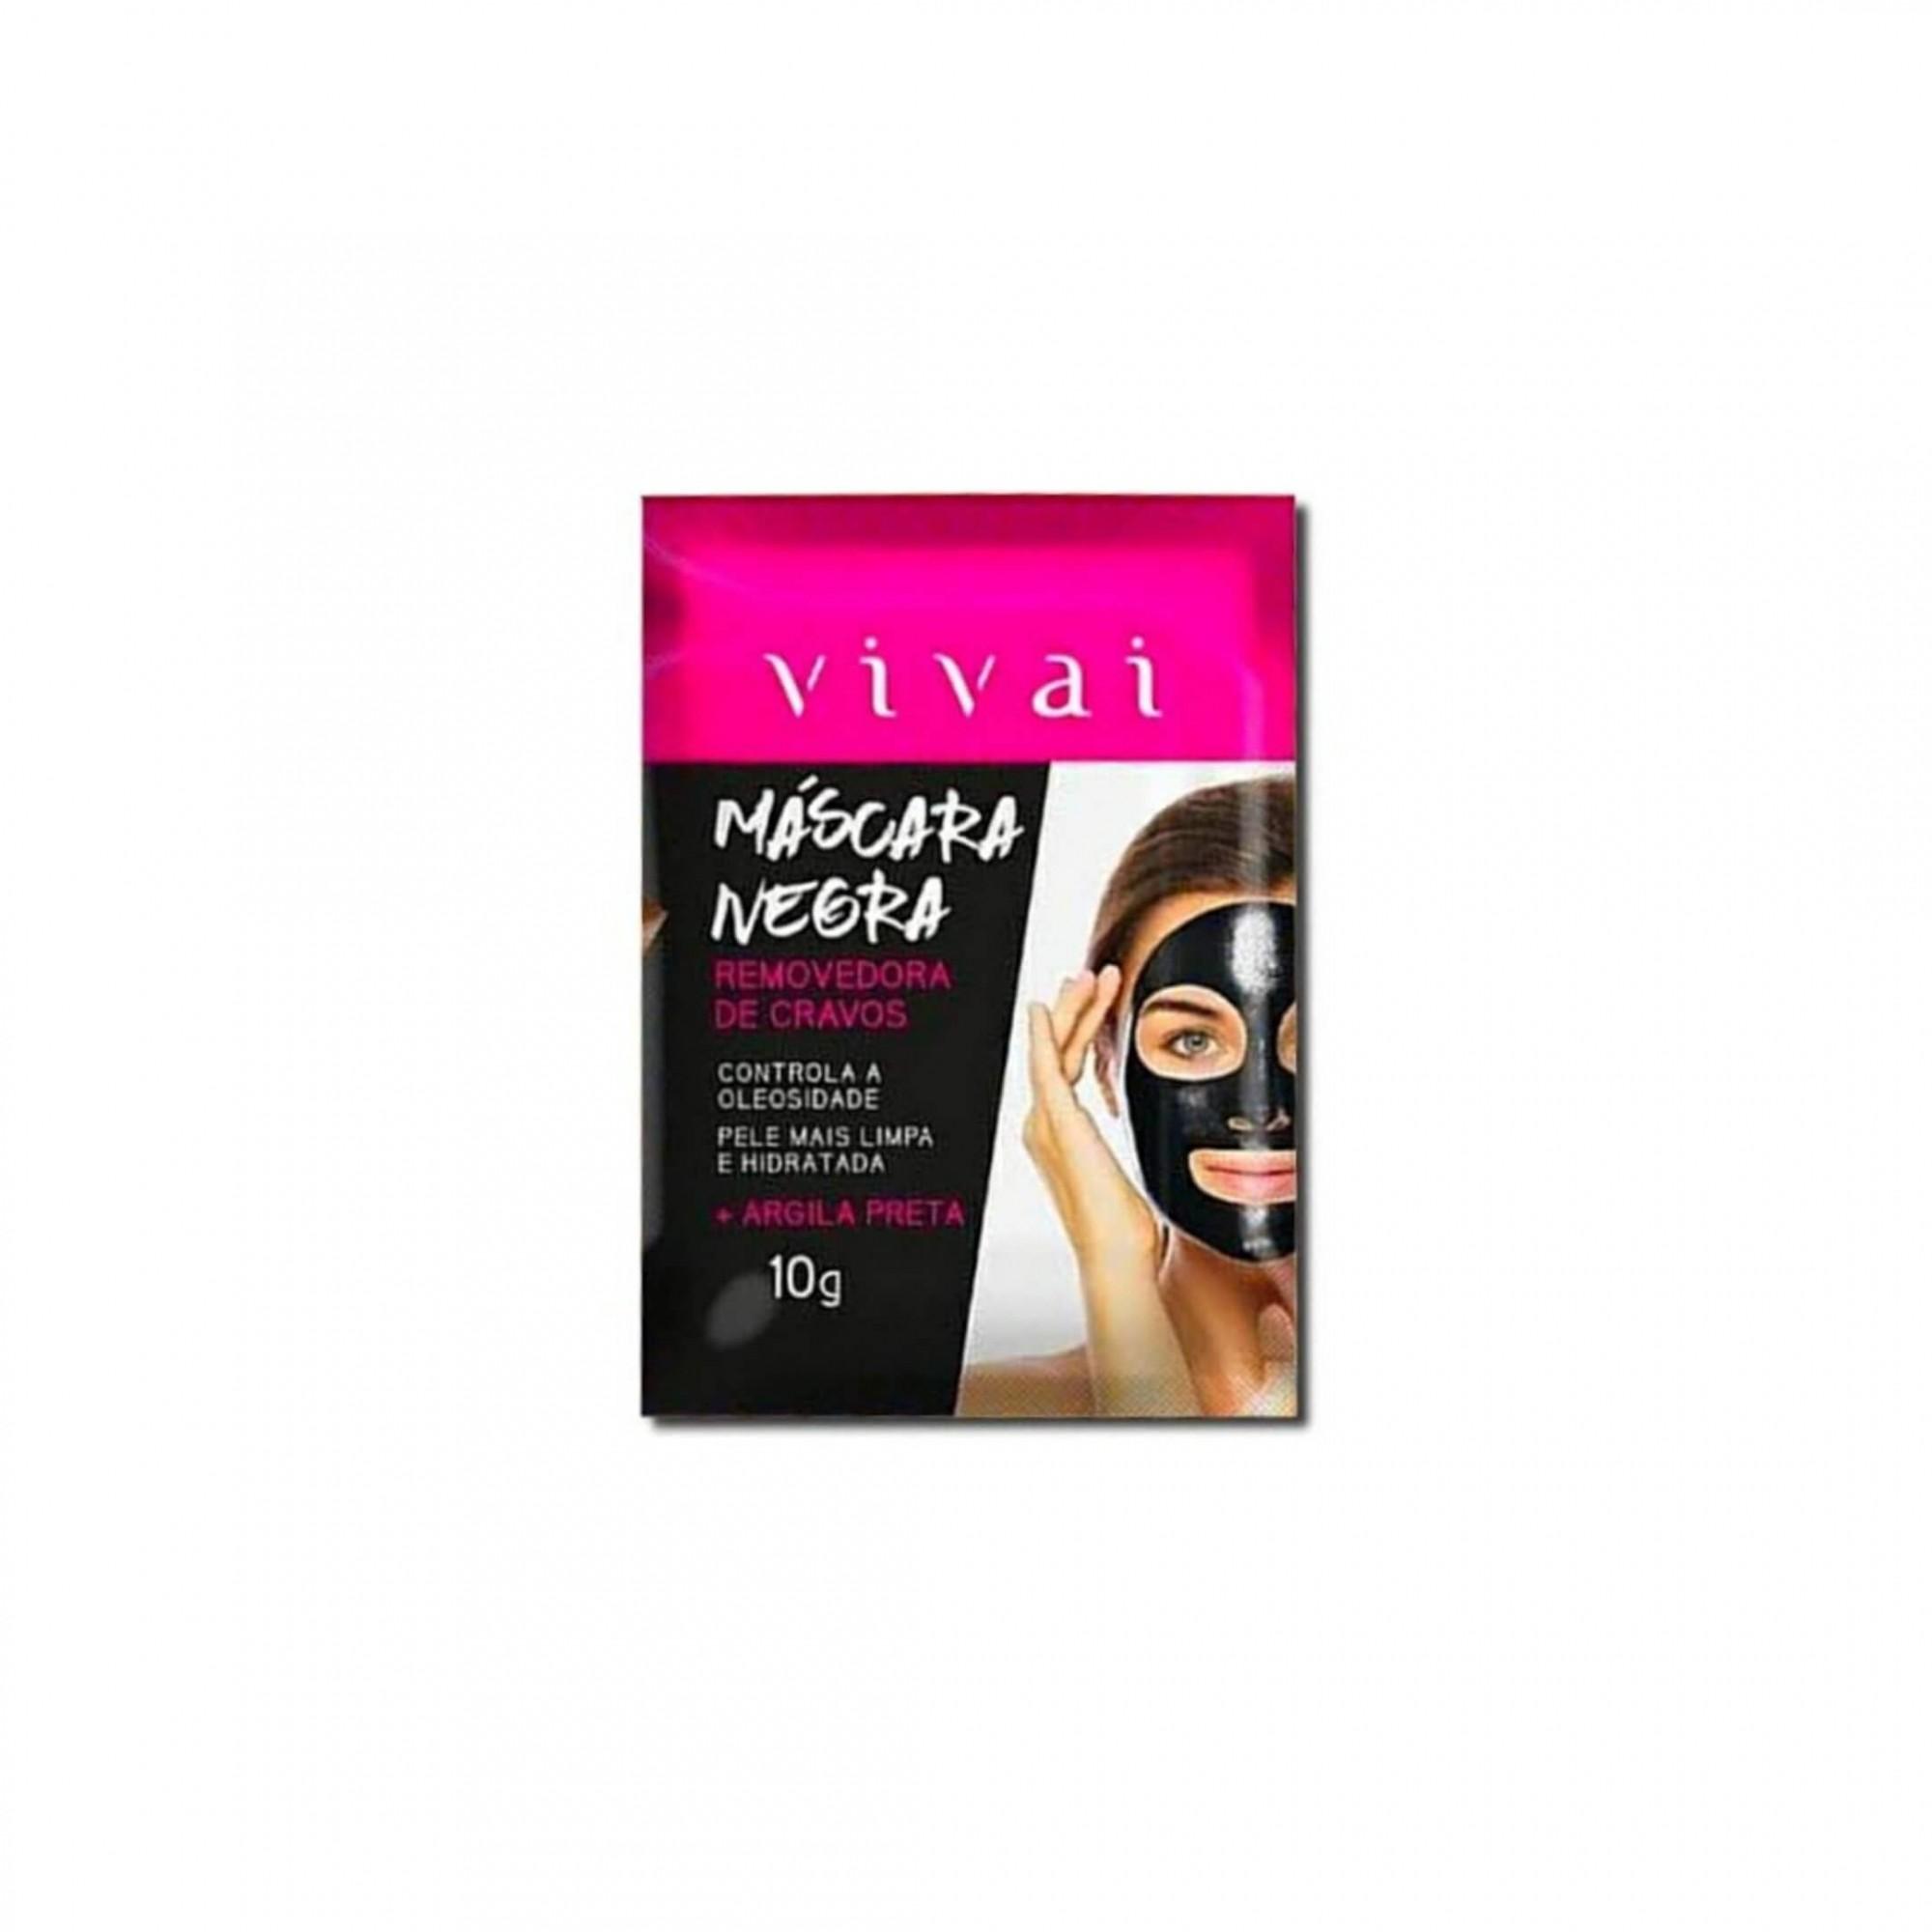 Máscara negra removedora de cravos Vivai